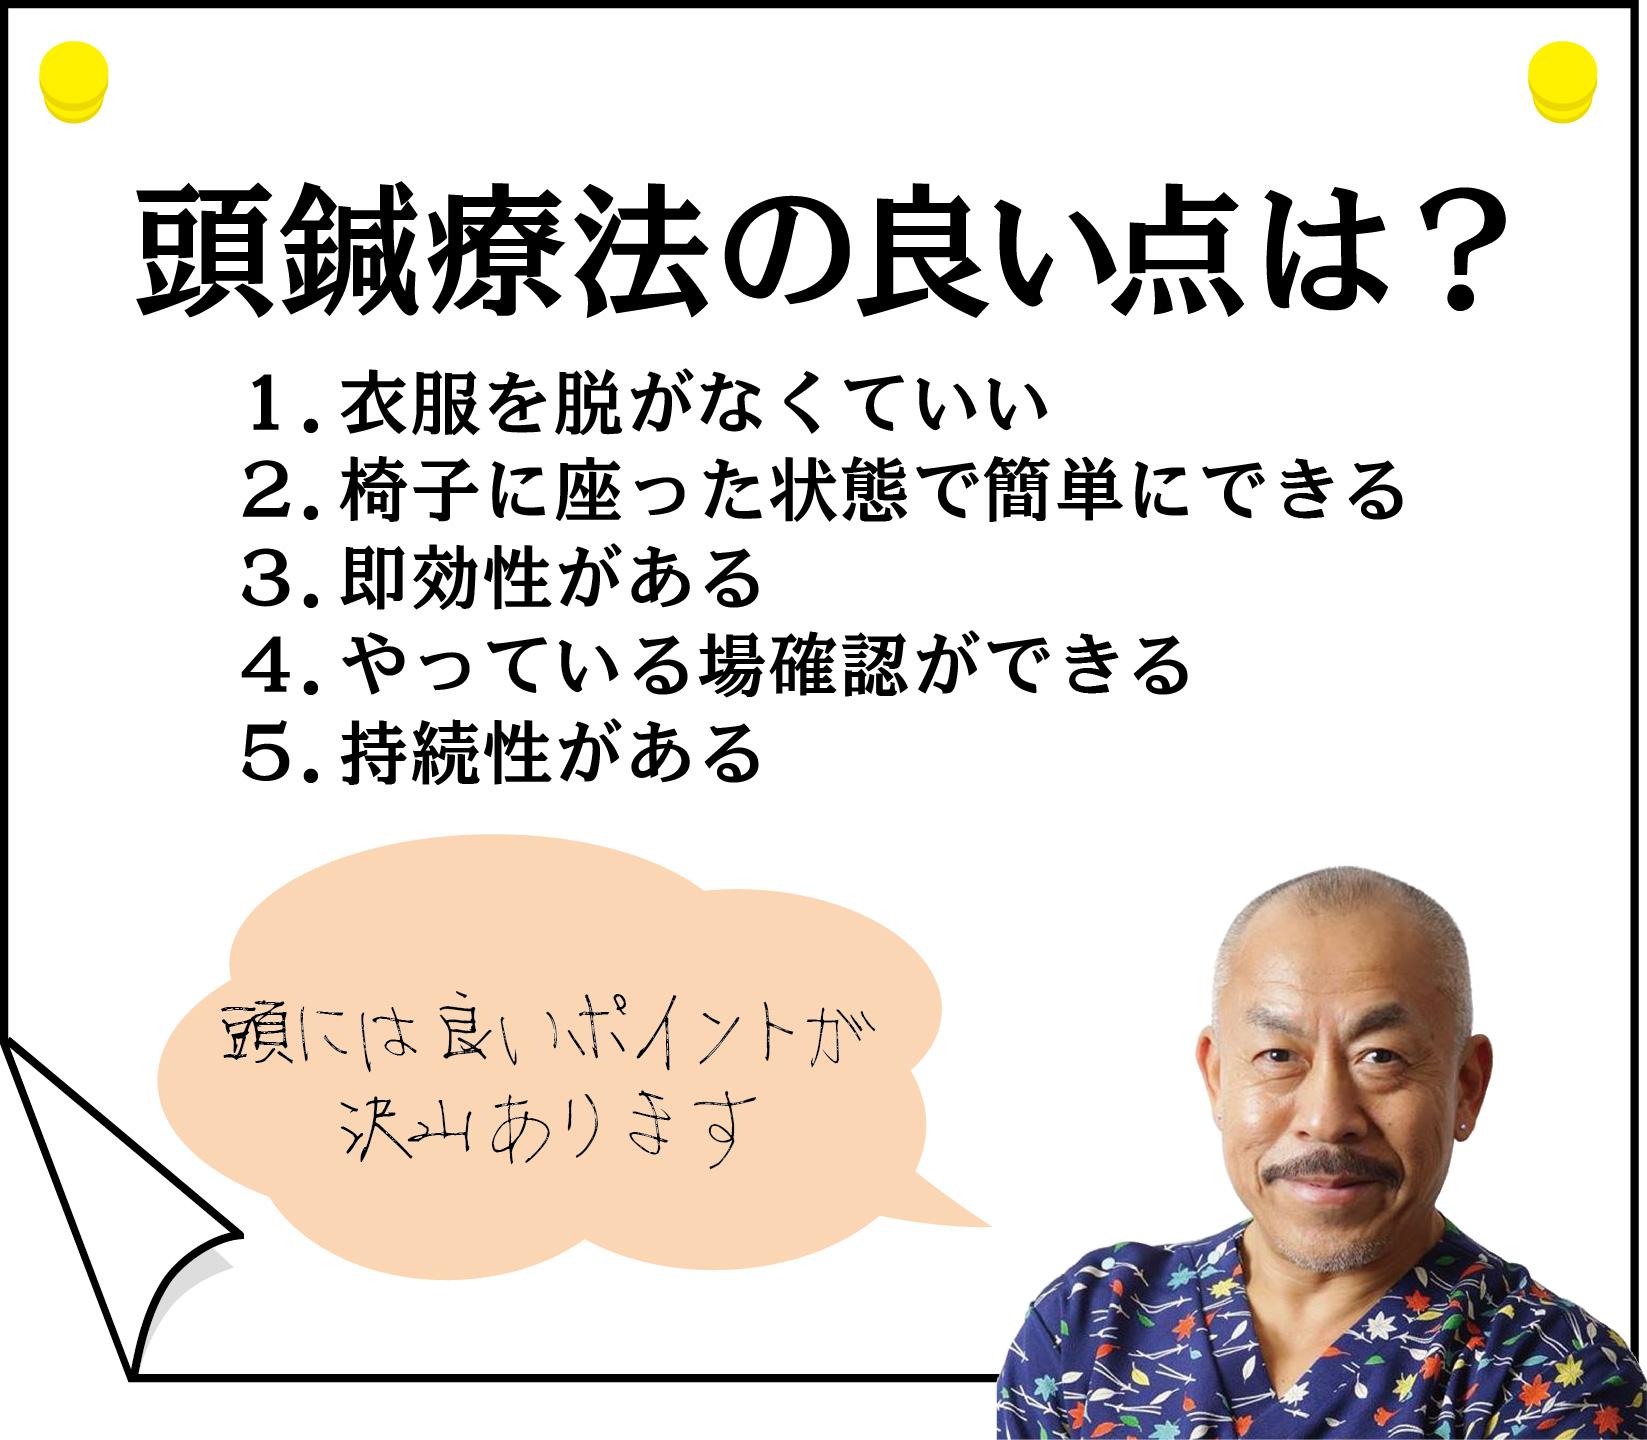 頭鍼療法によるリウマチの治療法【指】